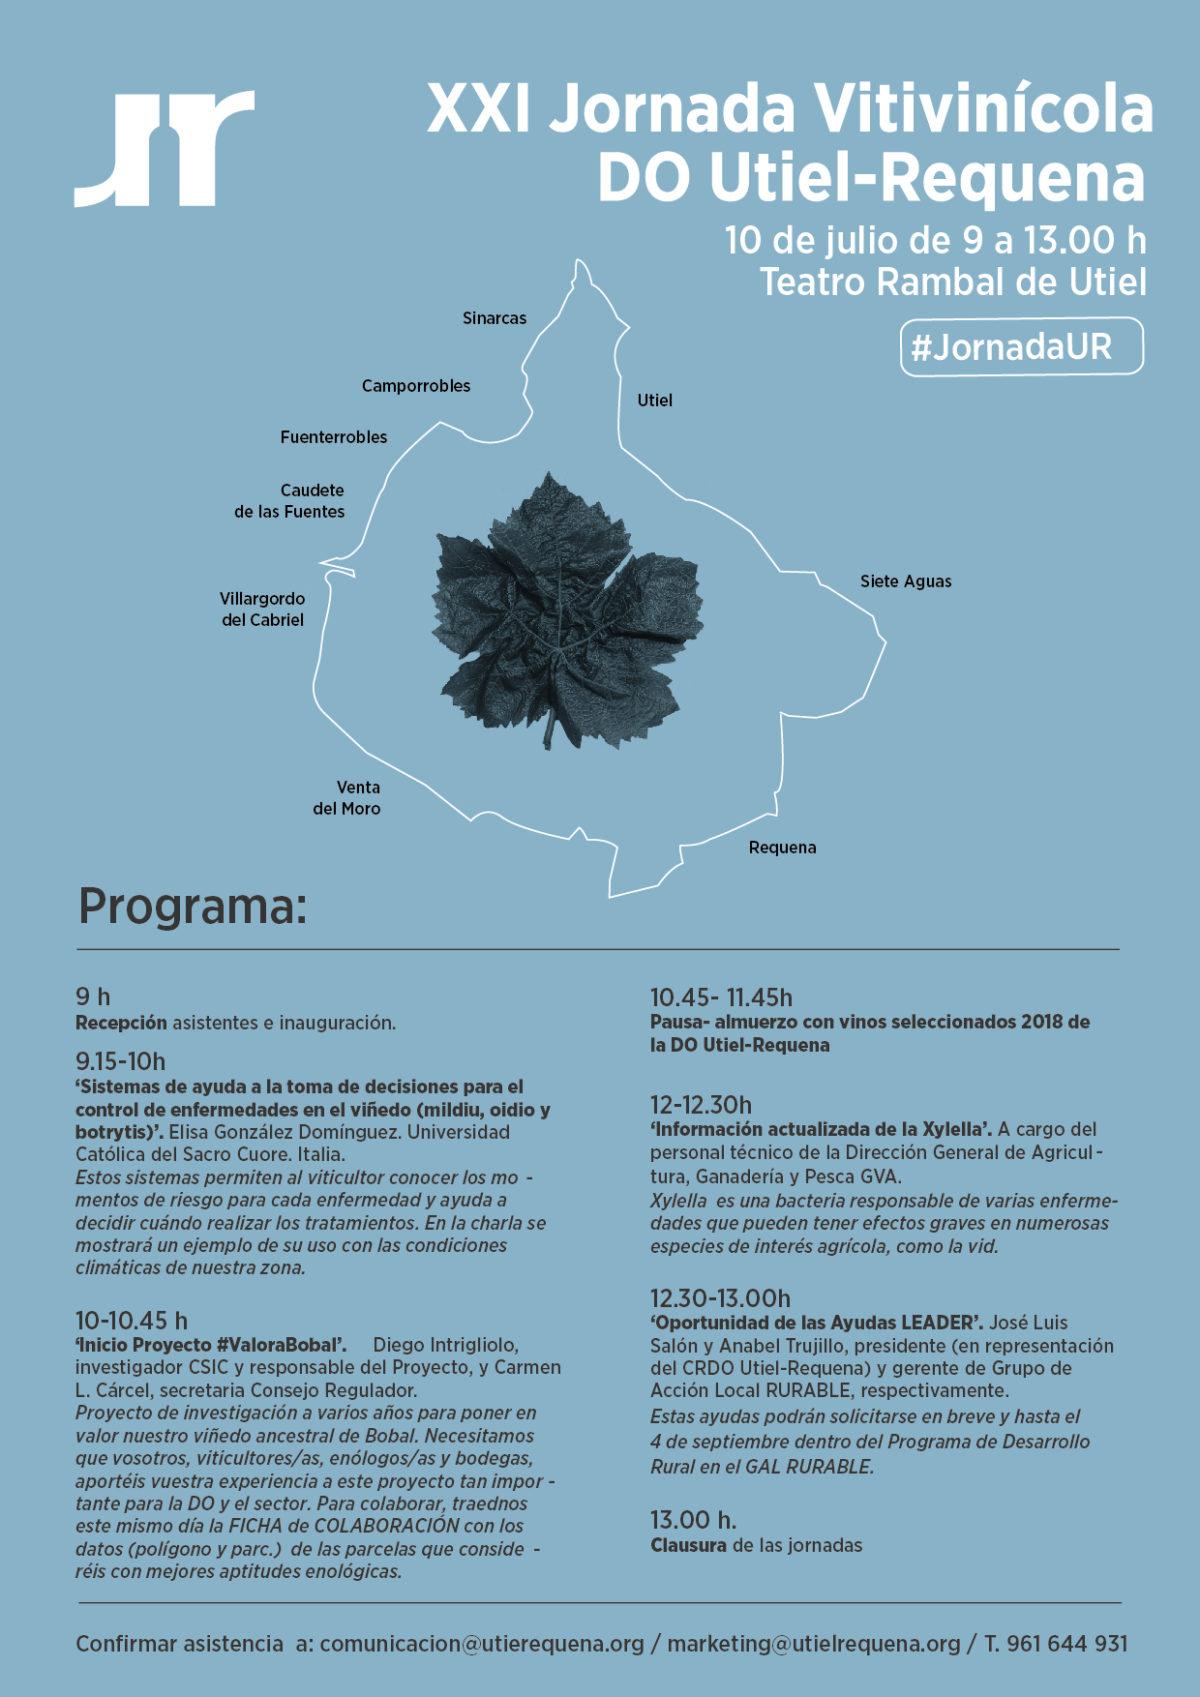 La DO Utiel-Requena invita a participar a todo el sector en su XXI Jornada Vitivinícola